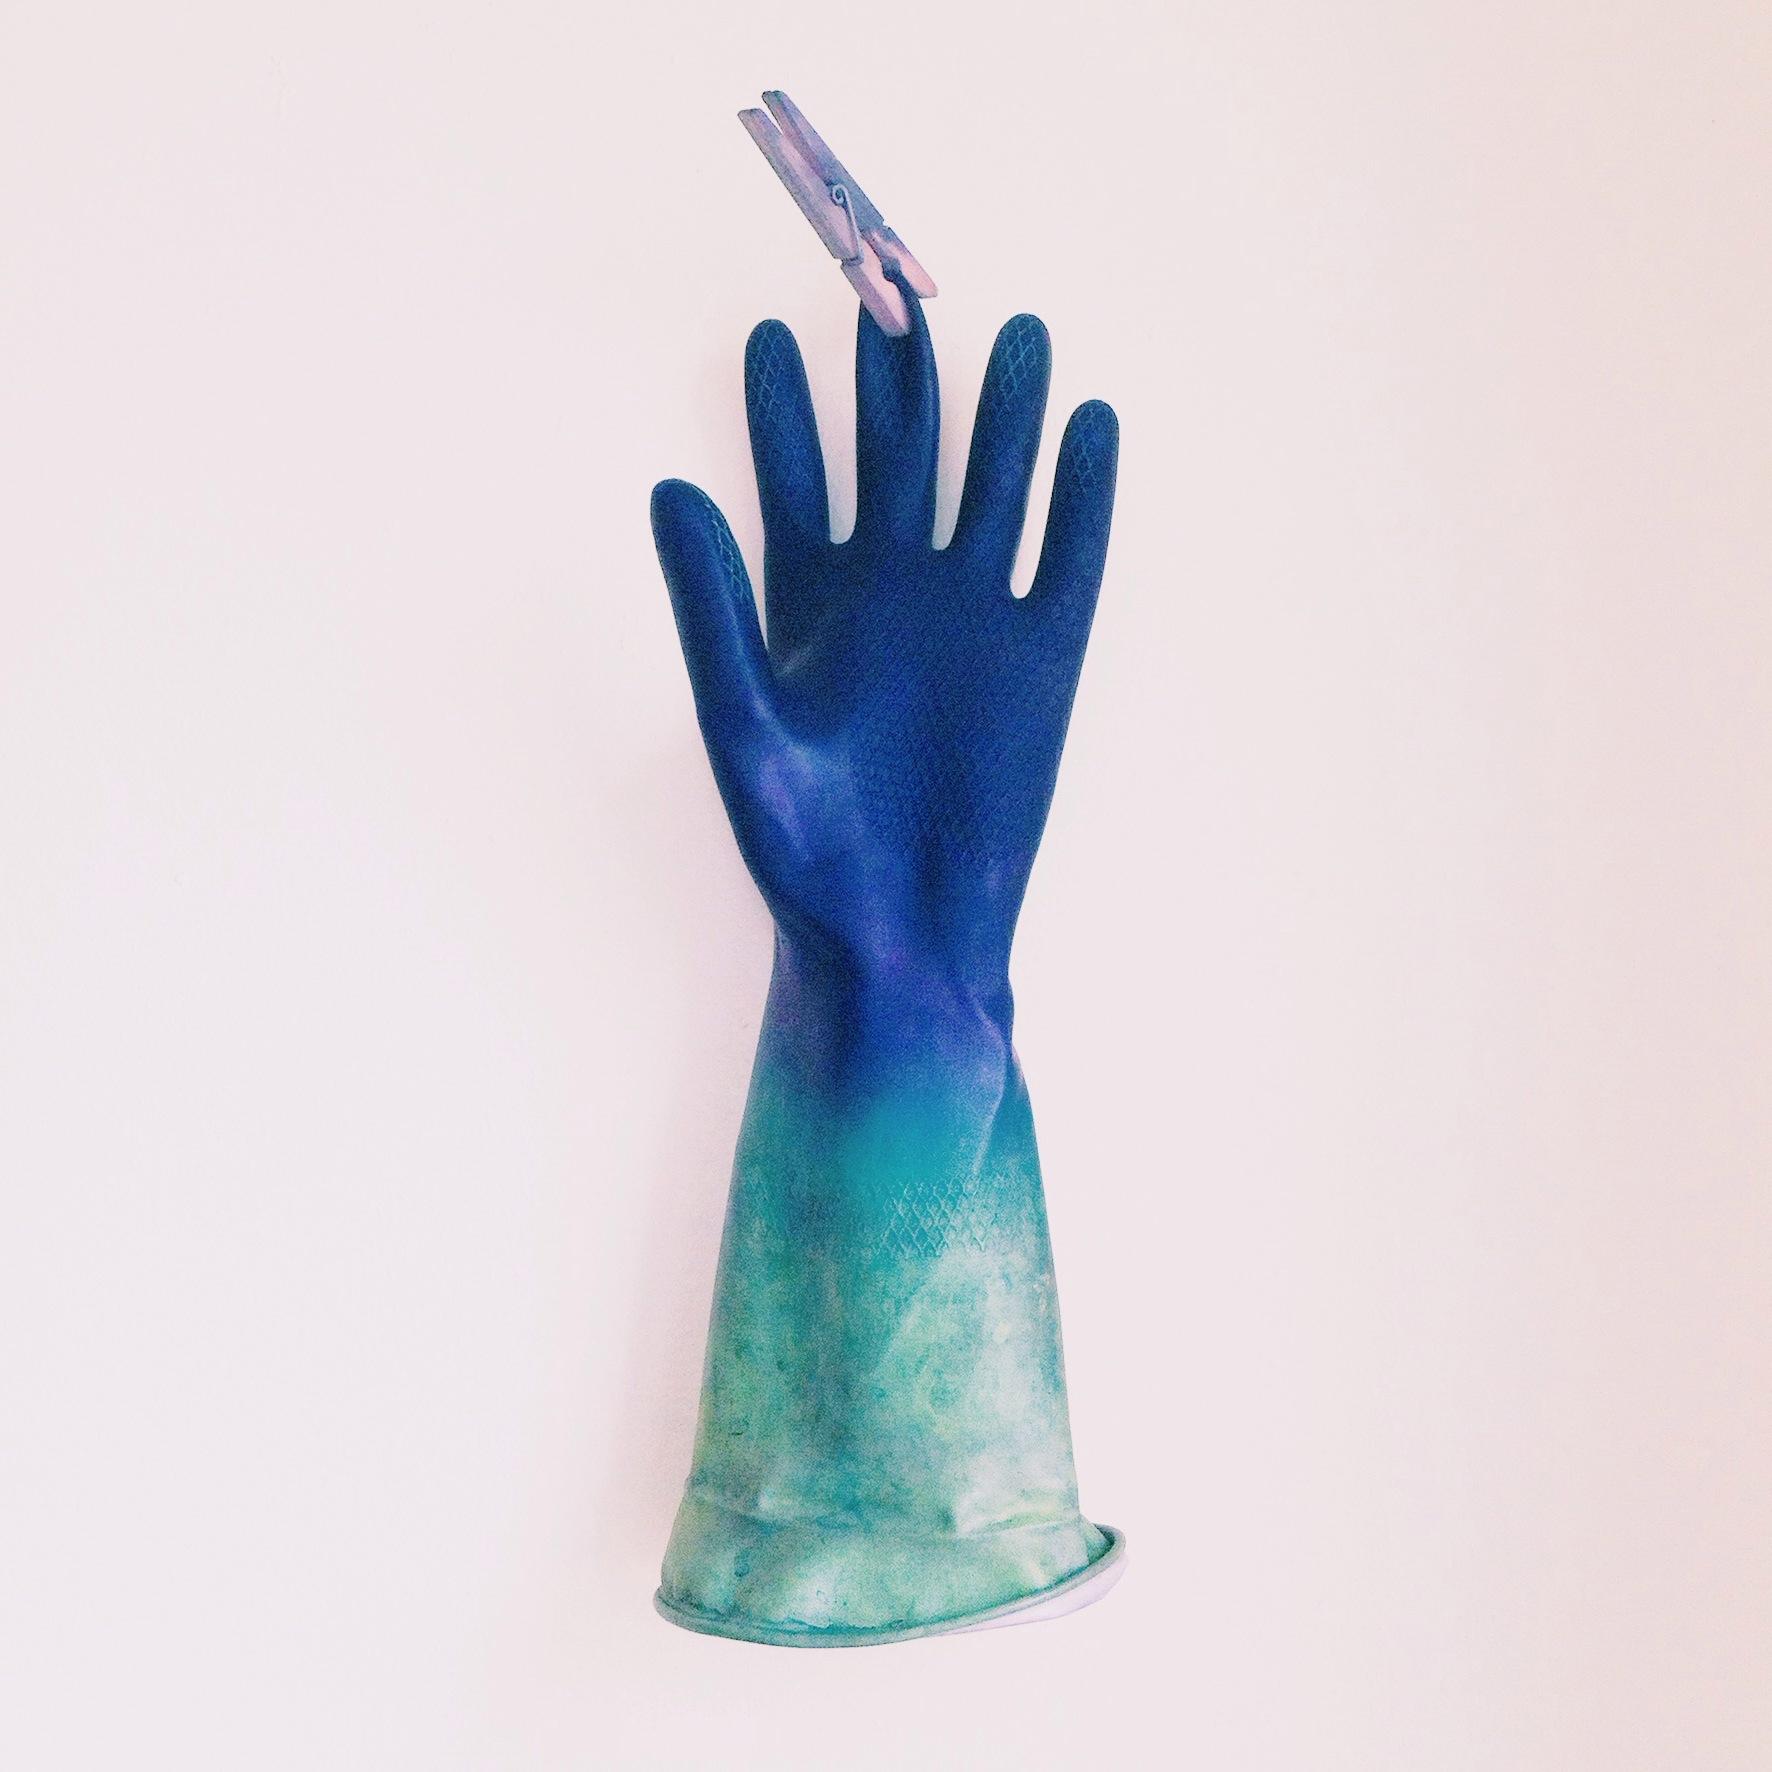 indigo ombre dyed glove